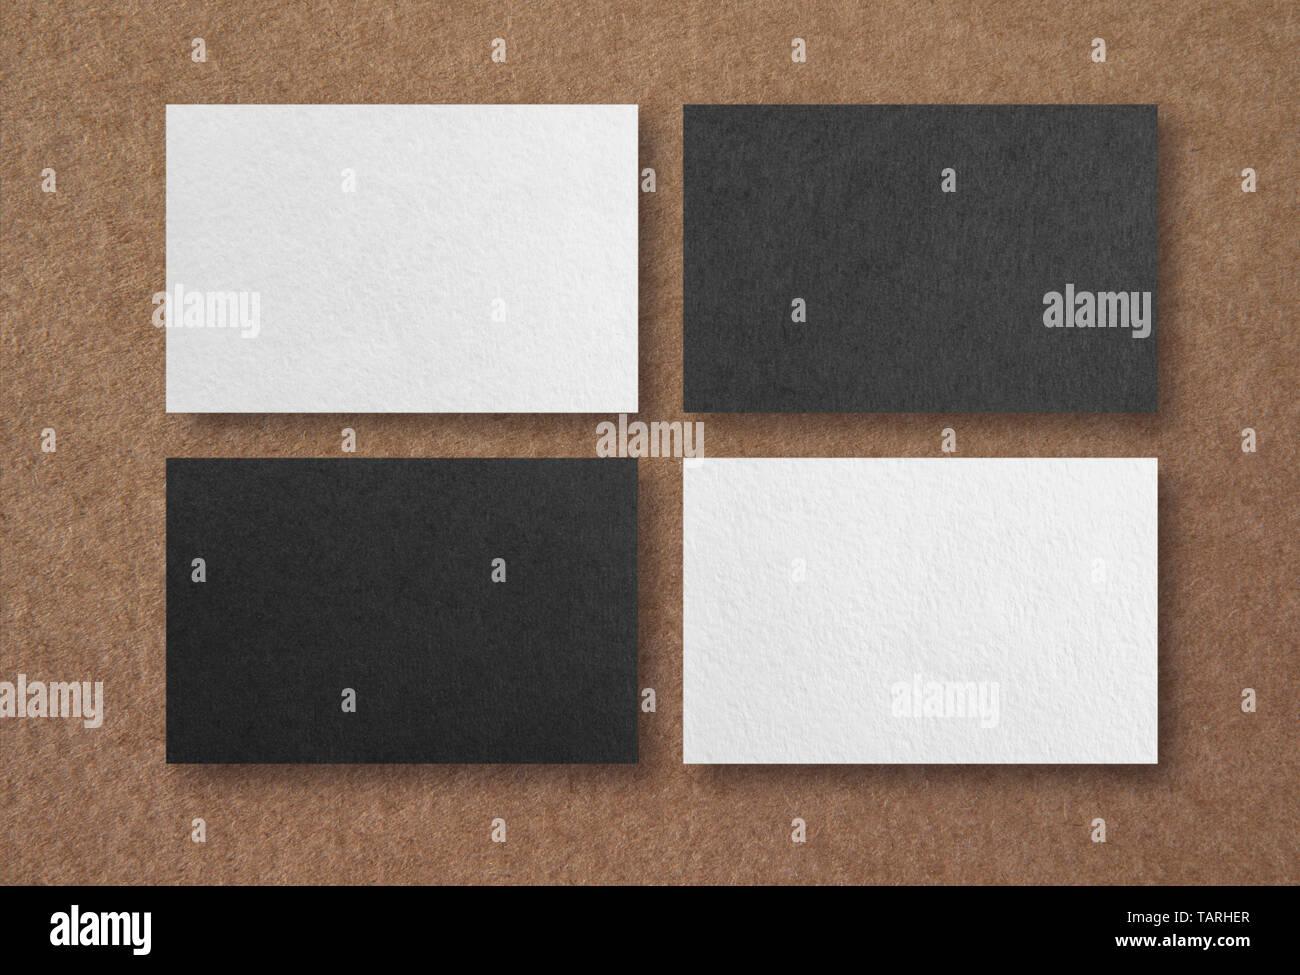 Mockup Von Visitenkarten Für Branding Identität Vorlage